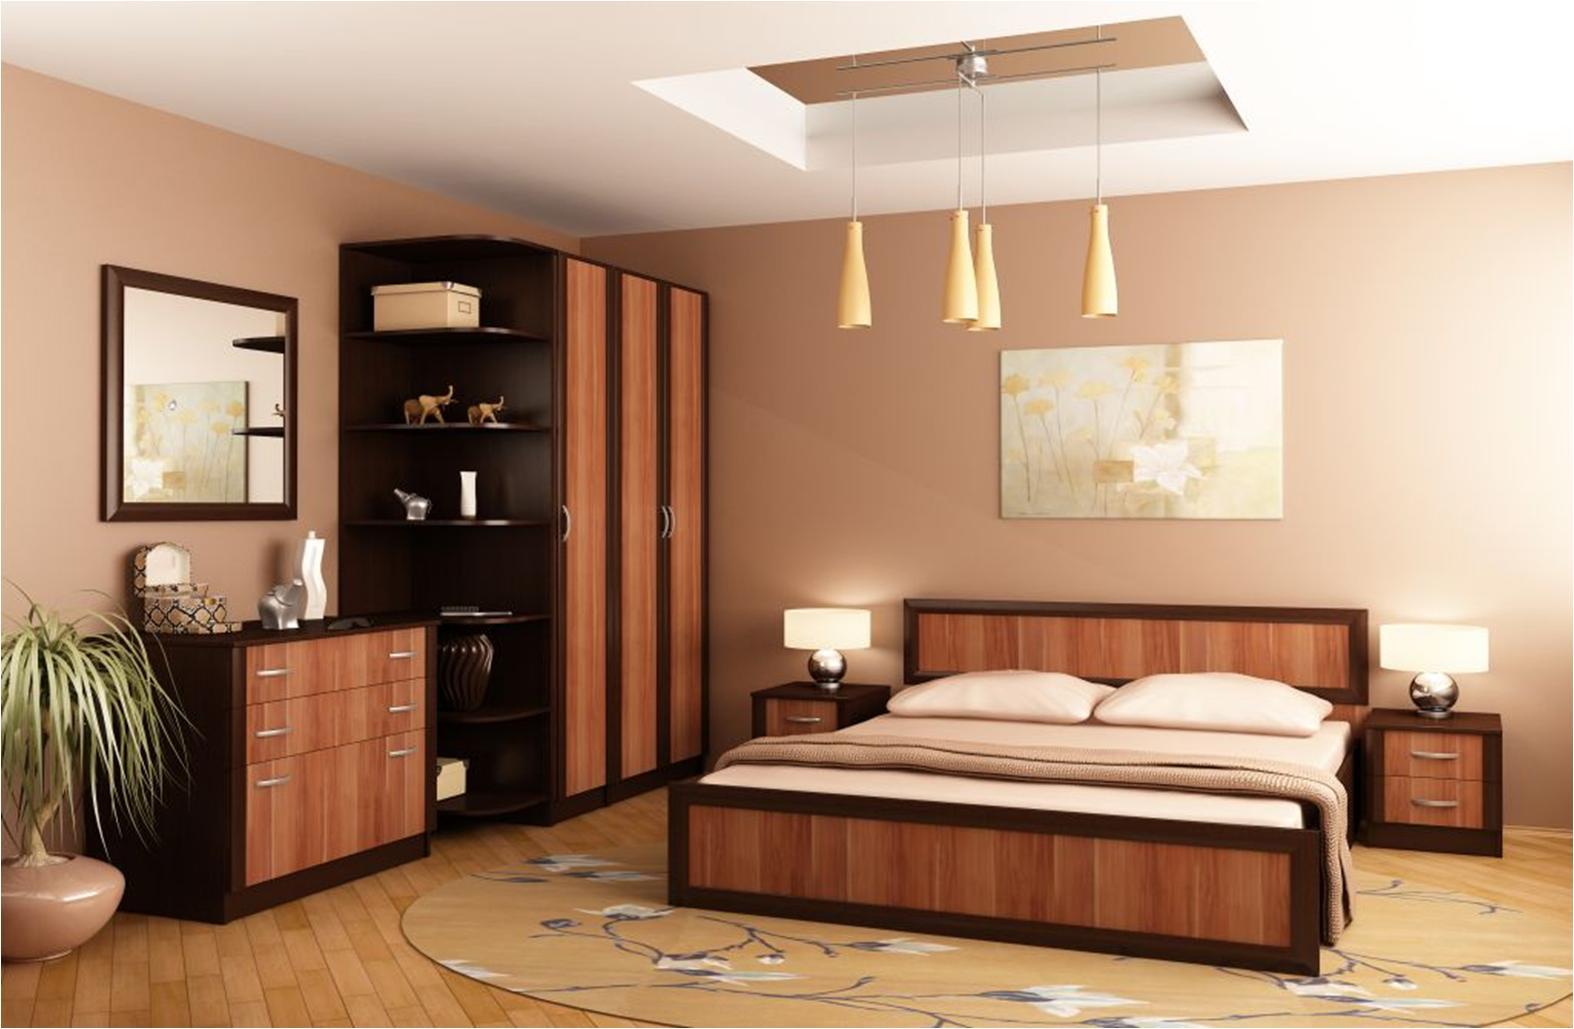 Спальня валерия 4 онлайн поиск по интернет магазинам.